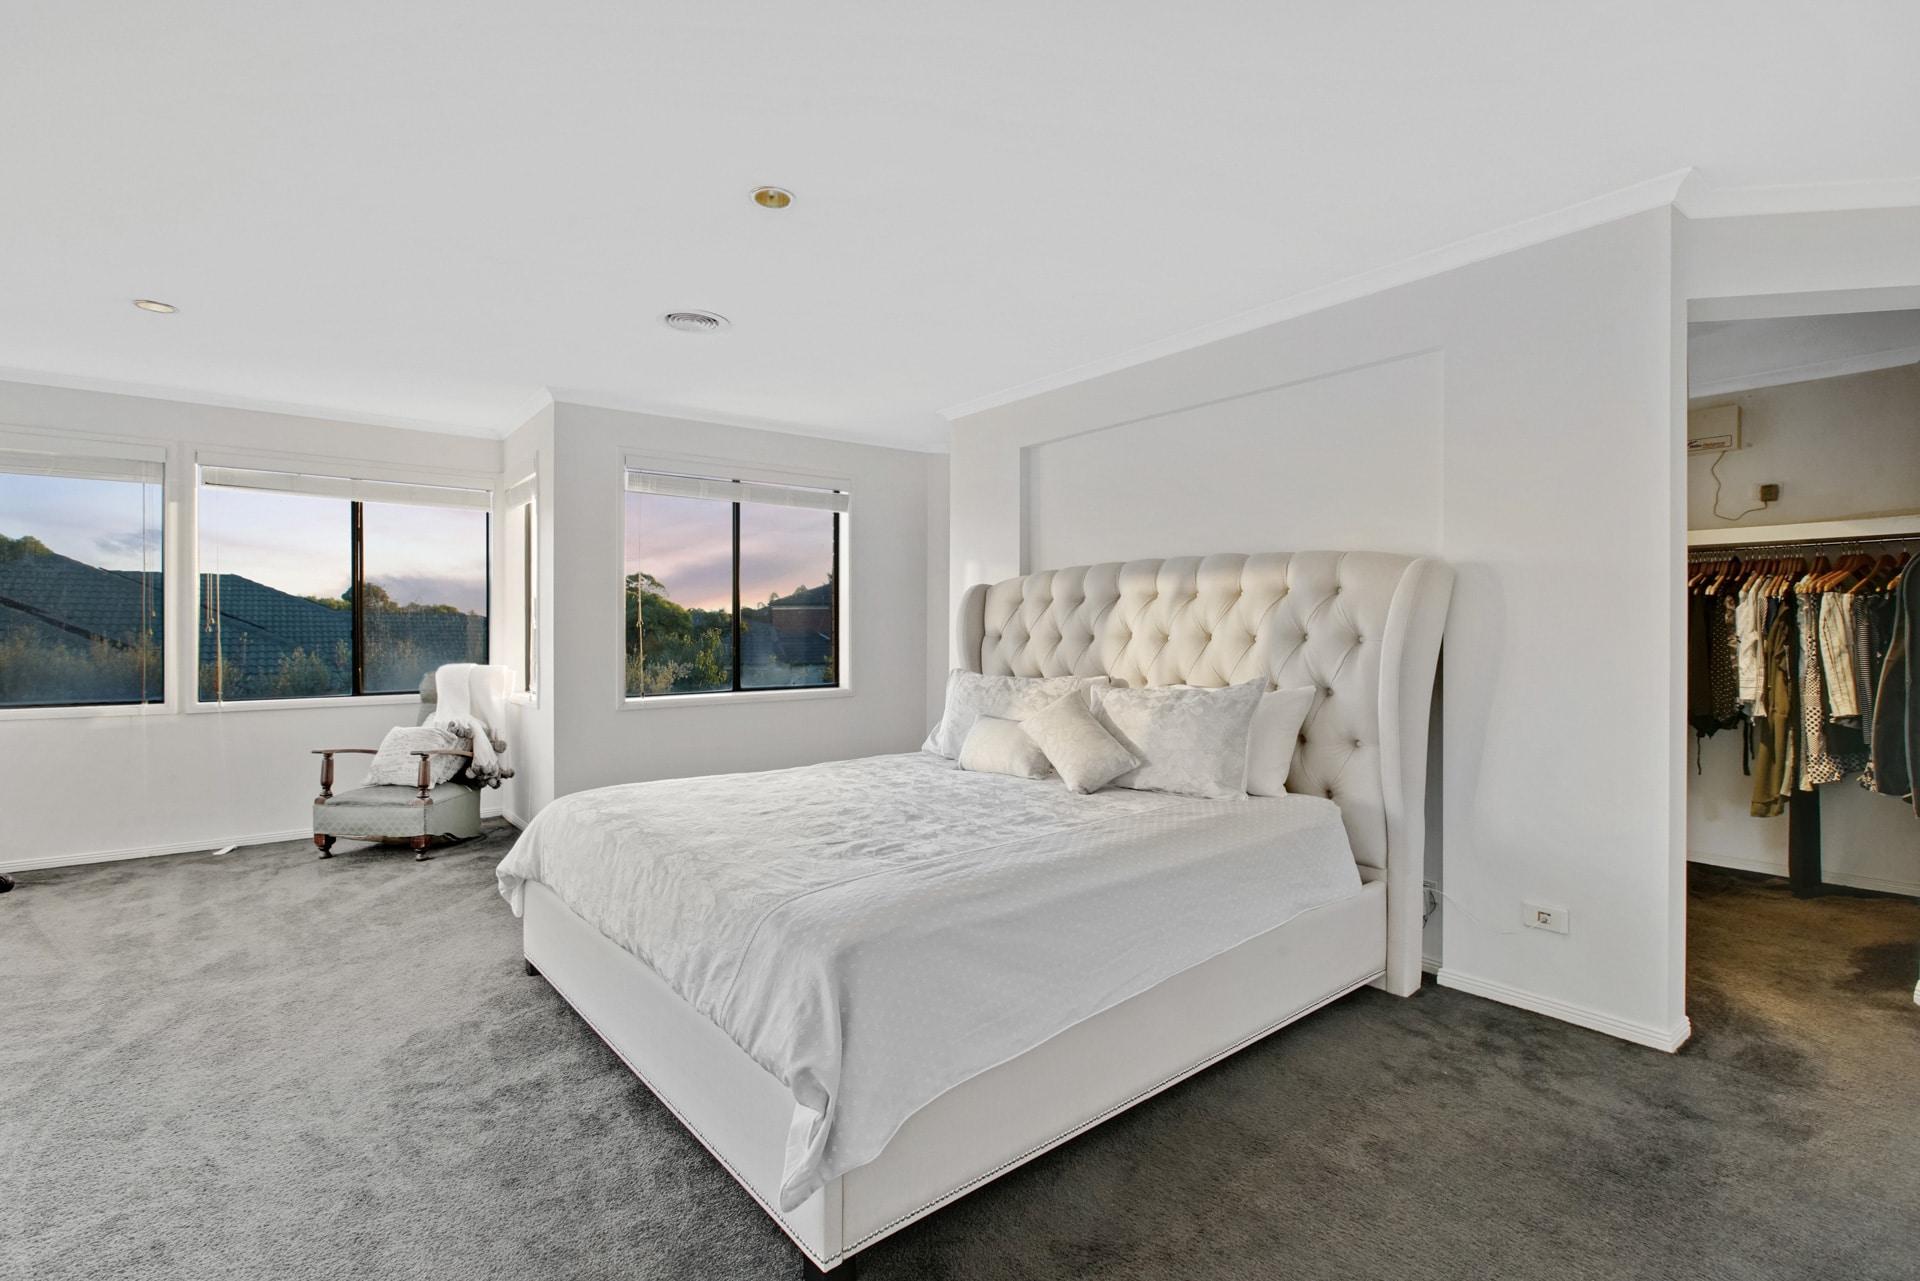 Photographie HDR d'une chambre à coucher avec un lit 2 places et un dressing.